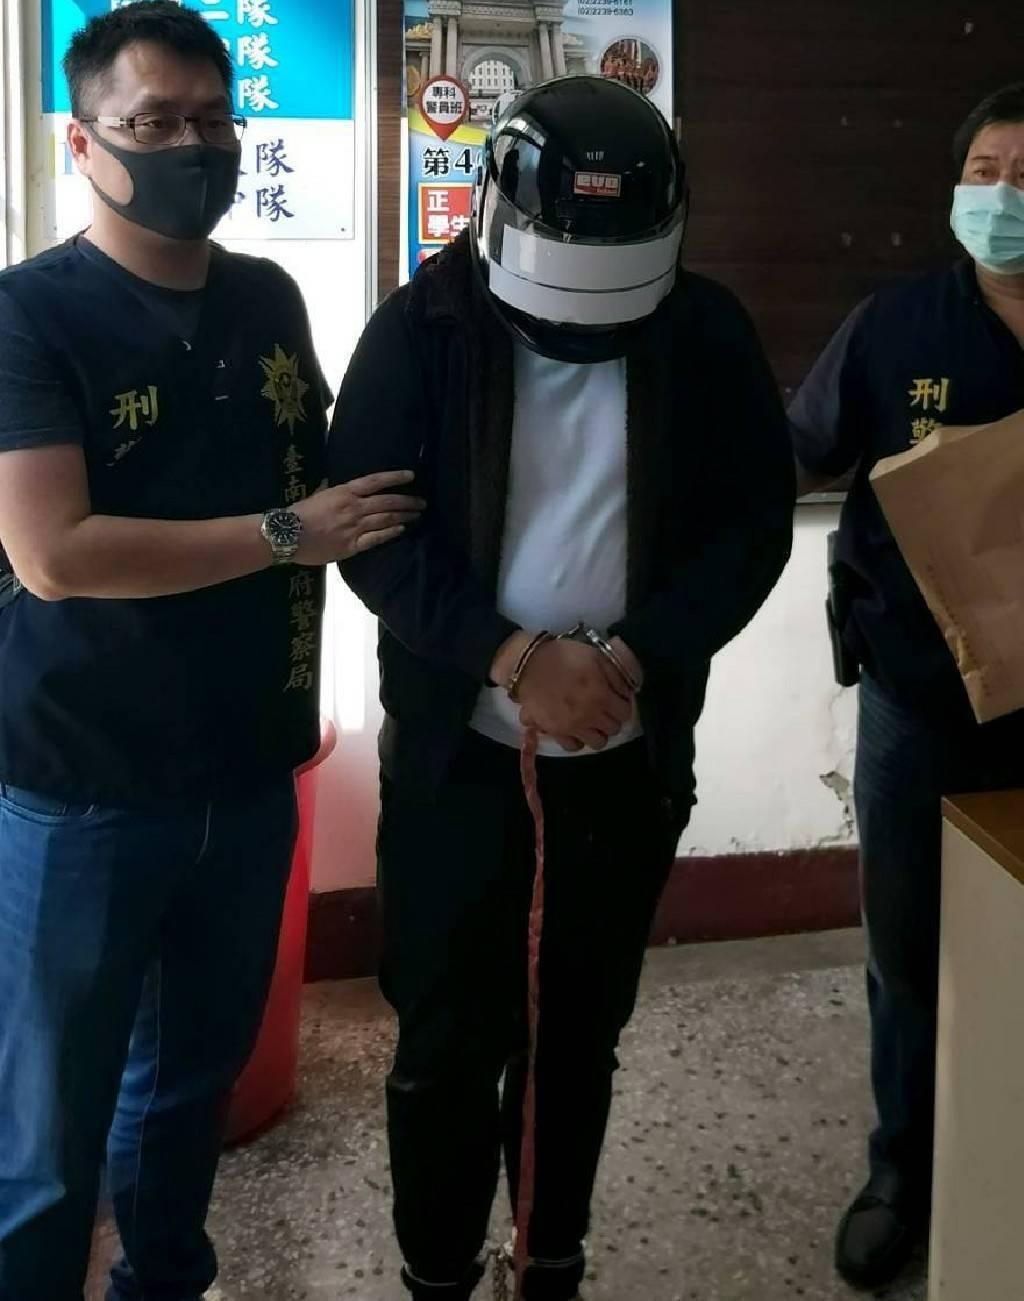 台南安平兩凶殺案,唯一在逃的徐姓男子上午6時多向警方投案。記者邵心杰/翻攝